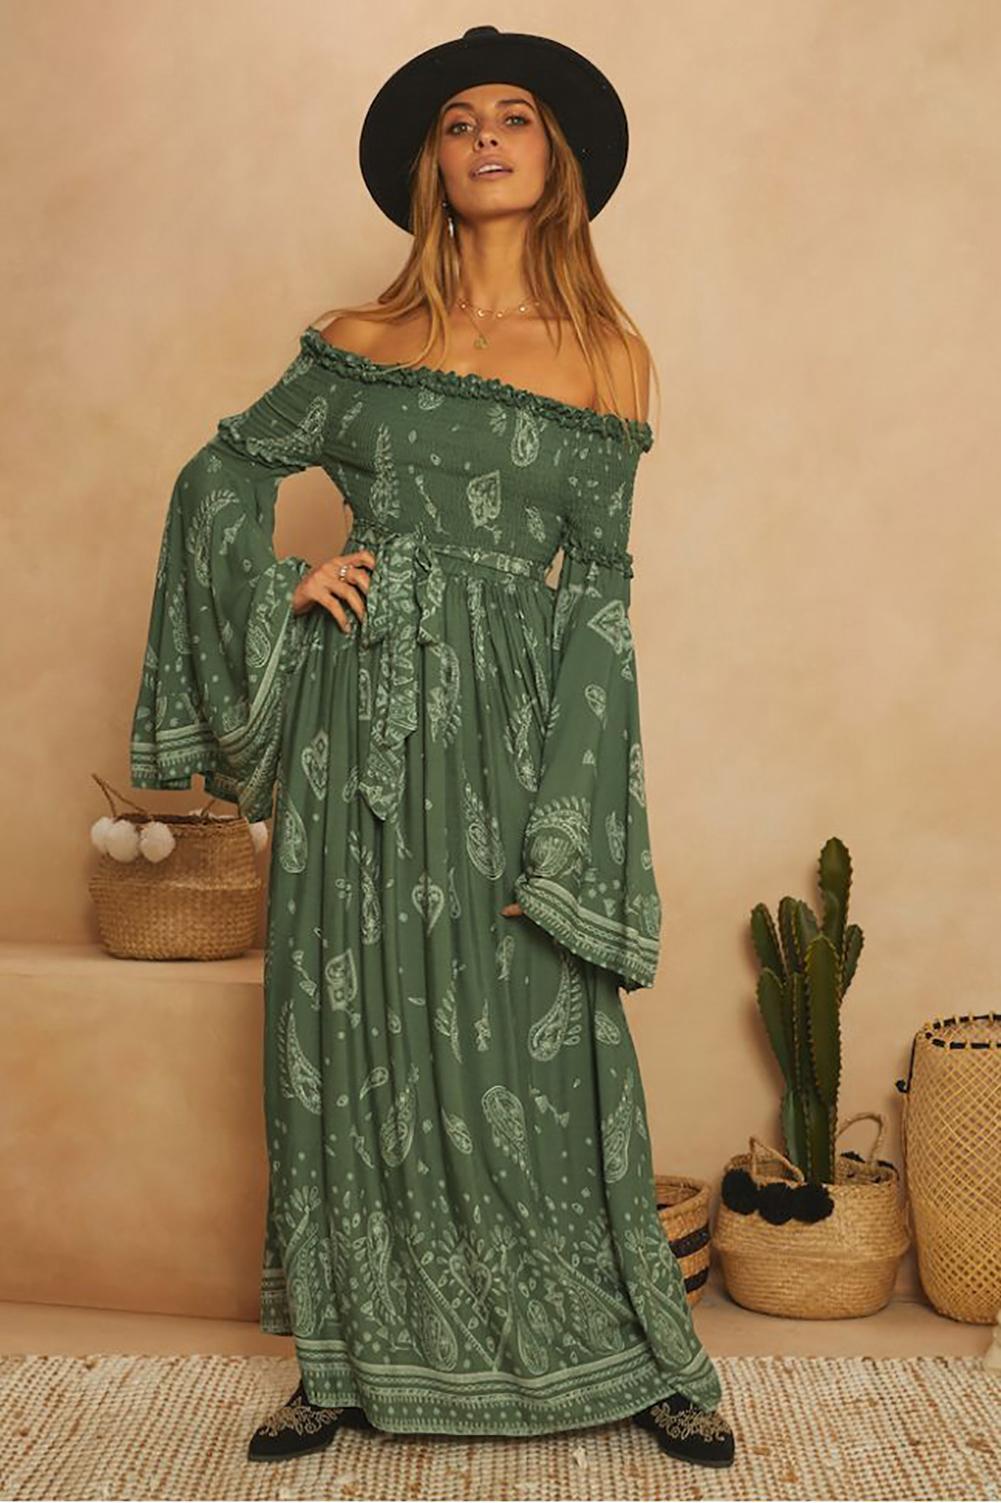 Lieber Liebhaber 2020 Freeshipping Frauen Kleidung auf Lager Artikel Großhandel All Around The World Maxi-Kleid